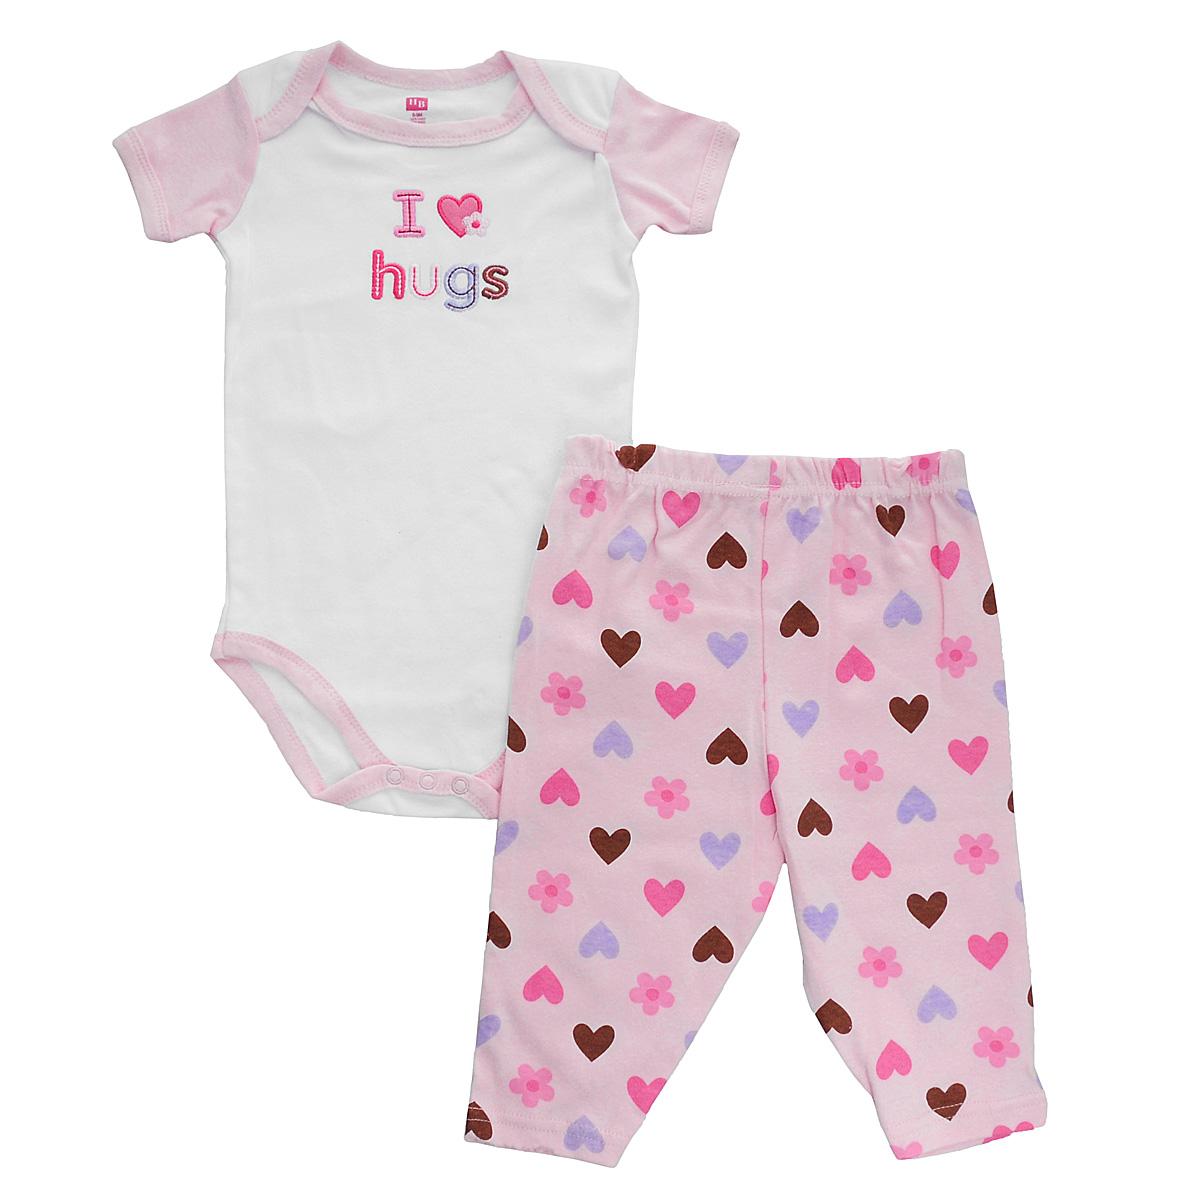 Комплект для девочки Hudson Baby Пирожное: боди, штанишки, цвет: розовый, белый. 50350. Размер 67/72, 6-9 месяцев hudson baby штанишки толстовка розовый